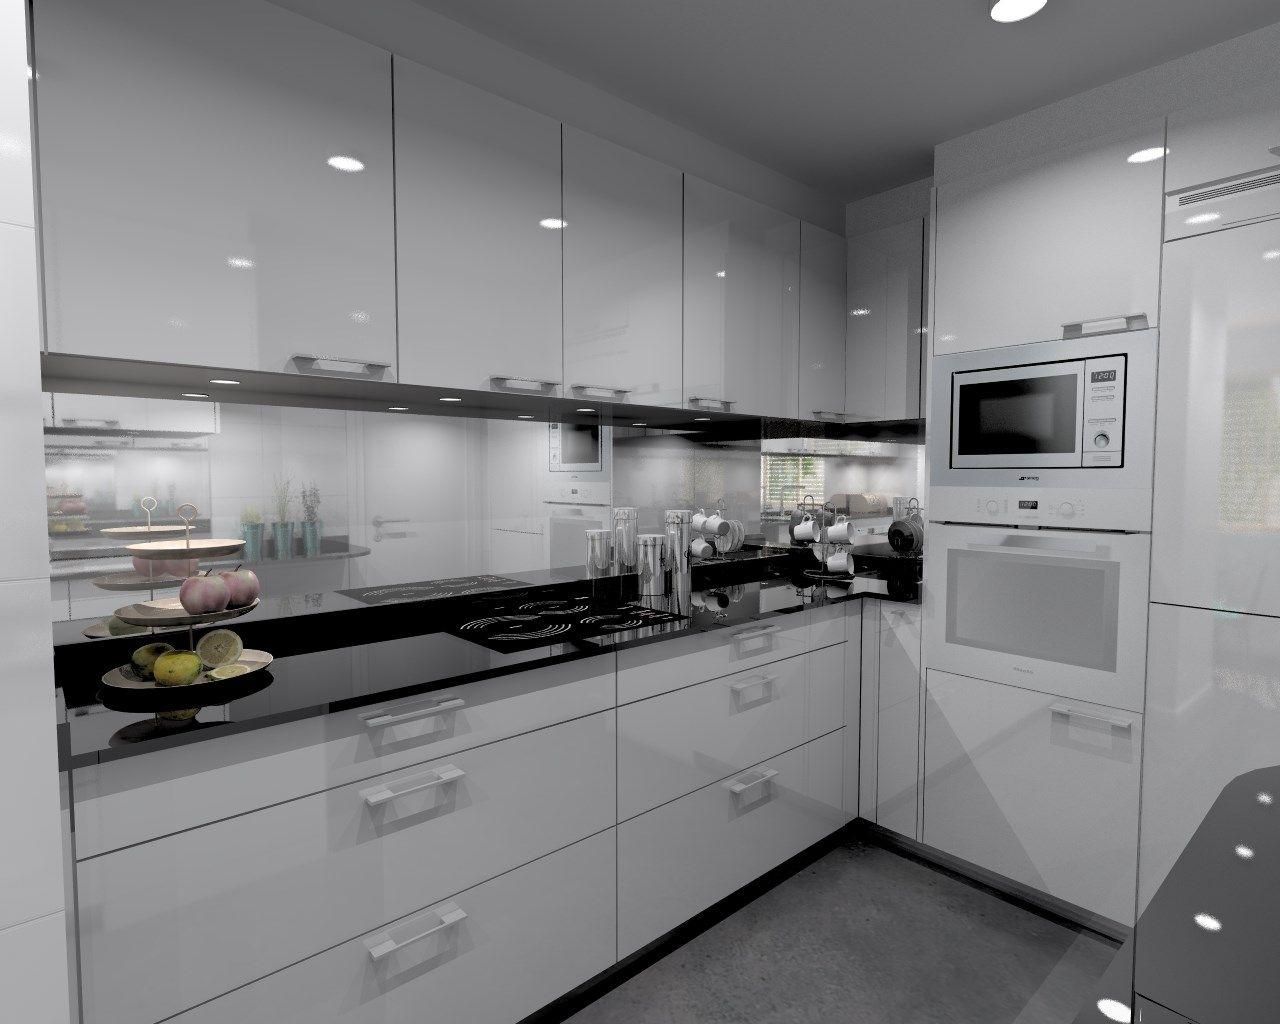 Encimeras laminadas de cocina materiales aptos para - Encimeras laminadas de cocina ...